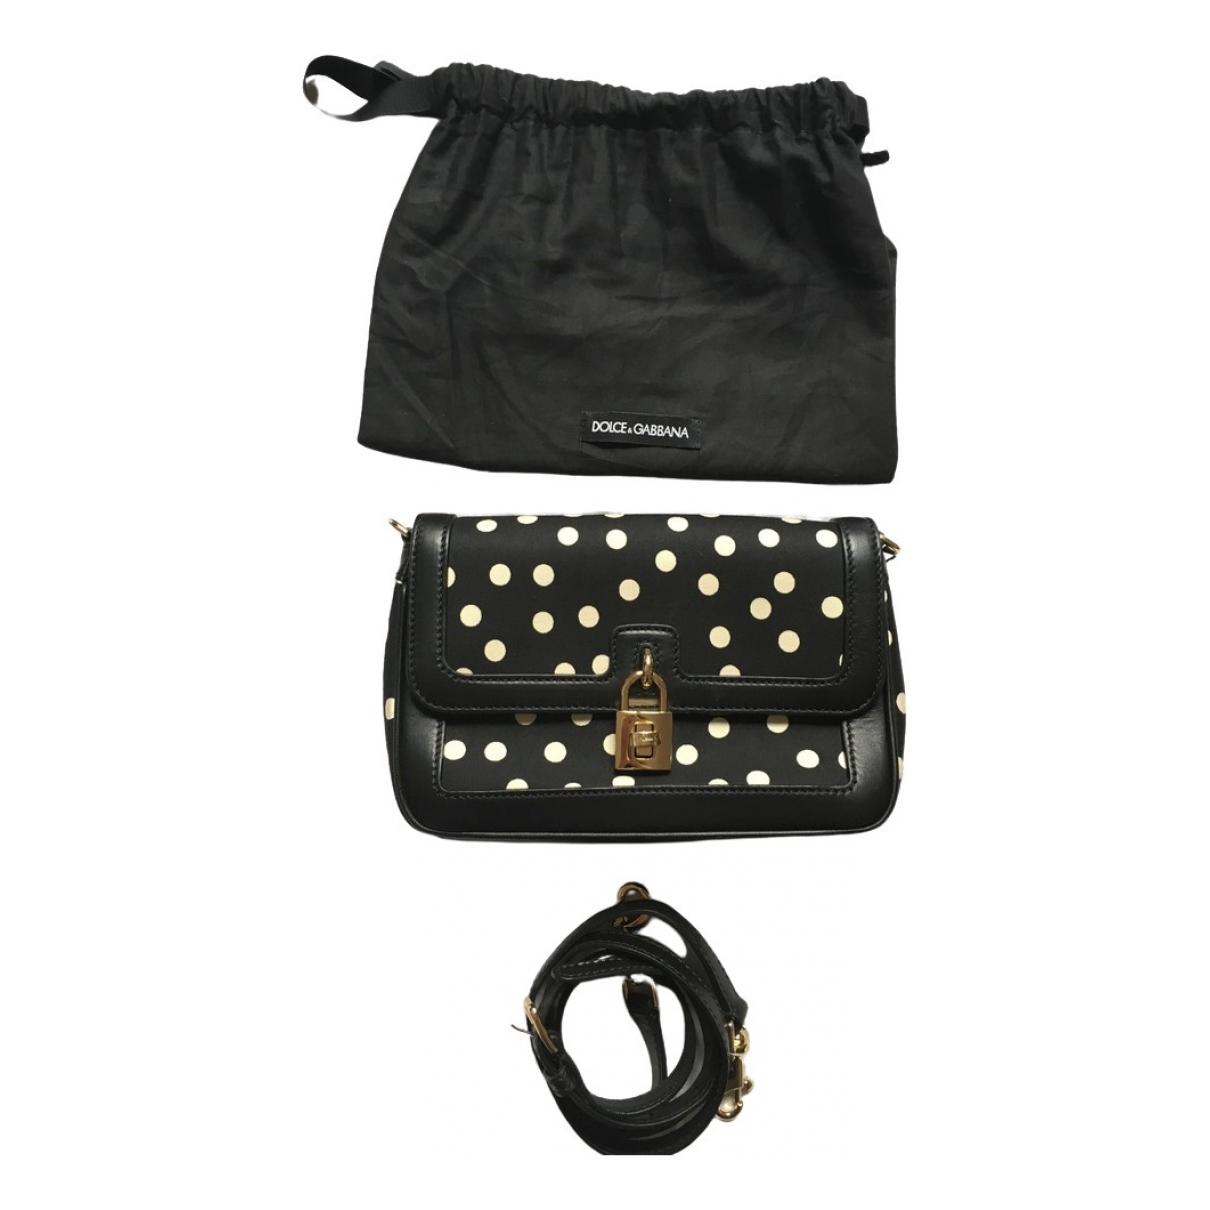 Dolce & Gabbana - Sac a main   pour femme en toile - noir